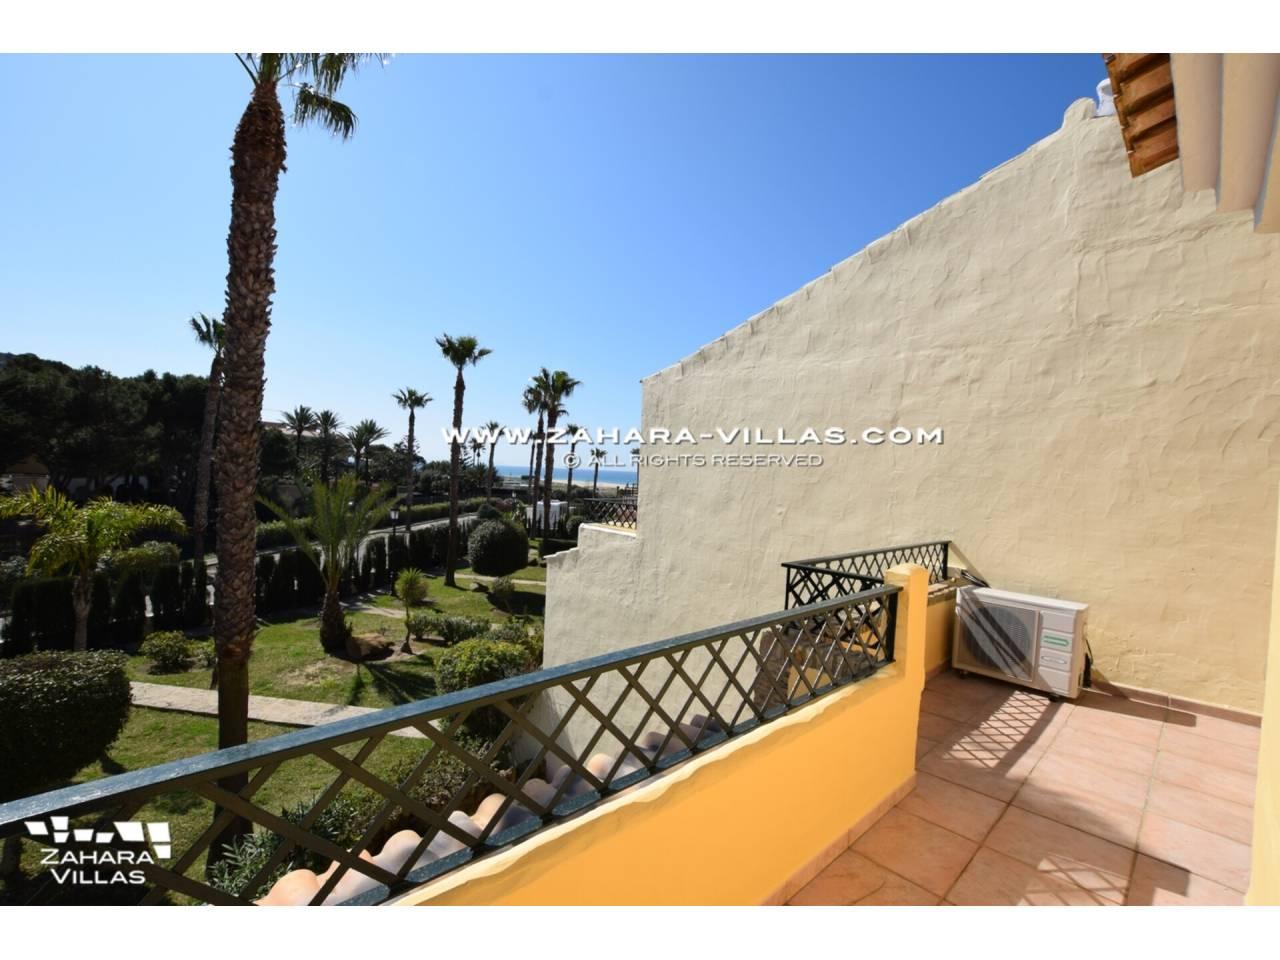 Imagen 18 de Casa Adosada con vistas al mar en venta en Urb. Jardines de Zahara